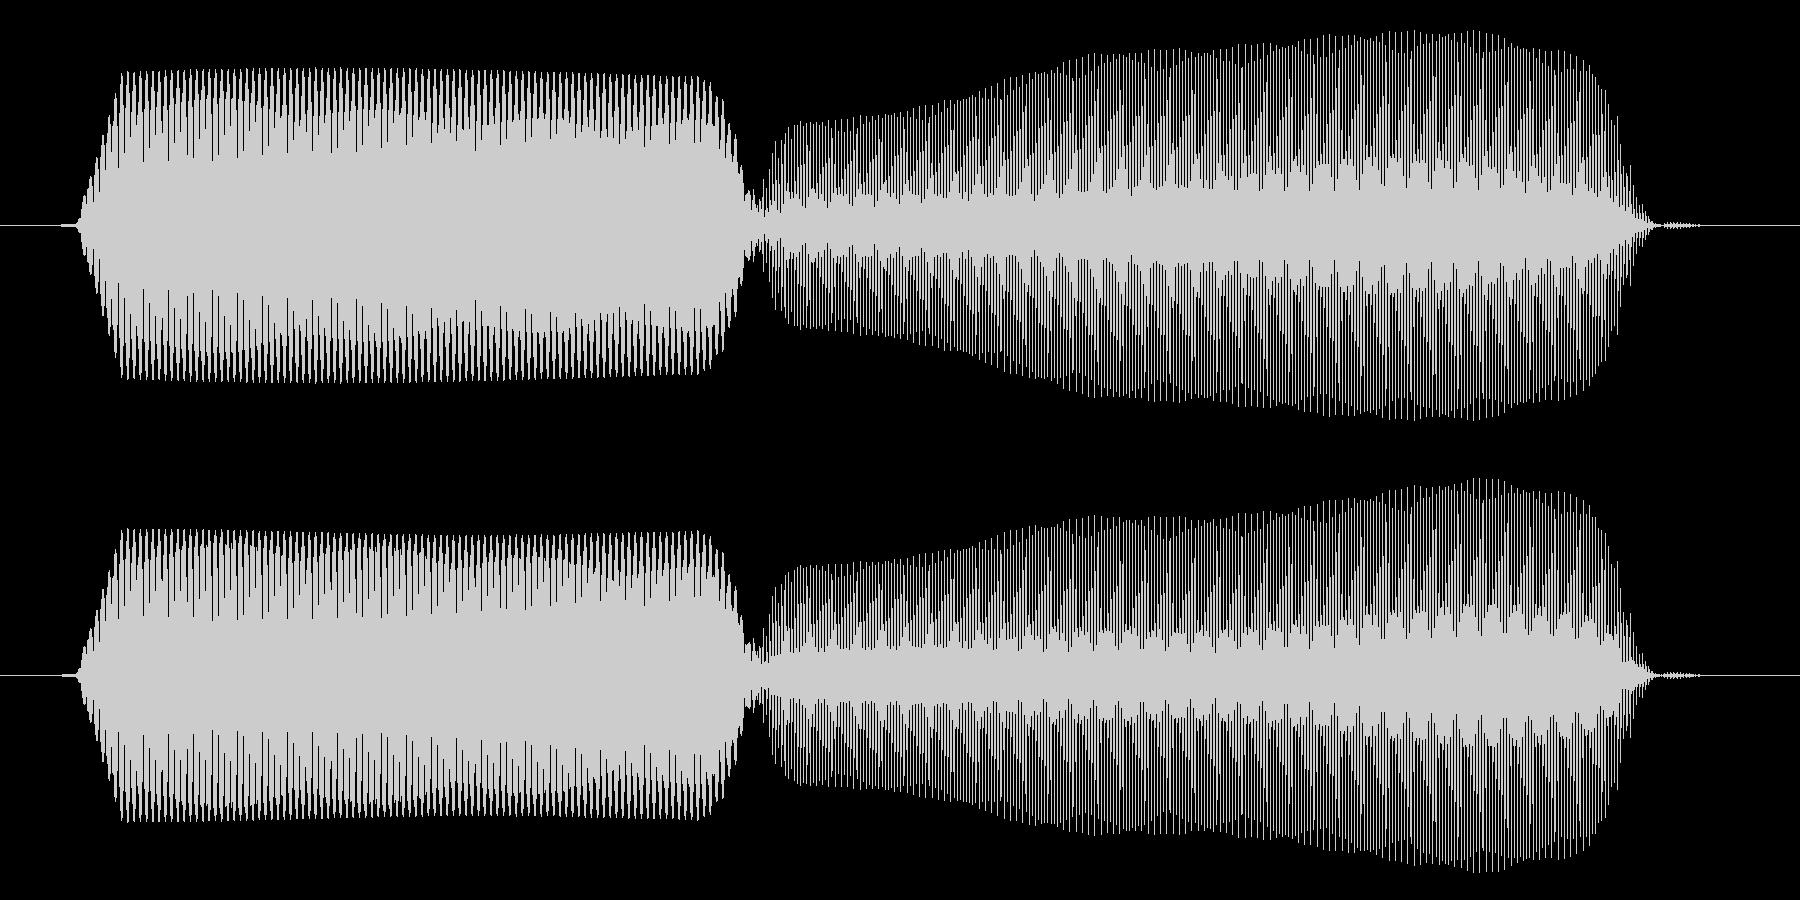 パソコン/決定音/ピコッの未再生の波形